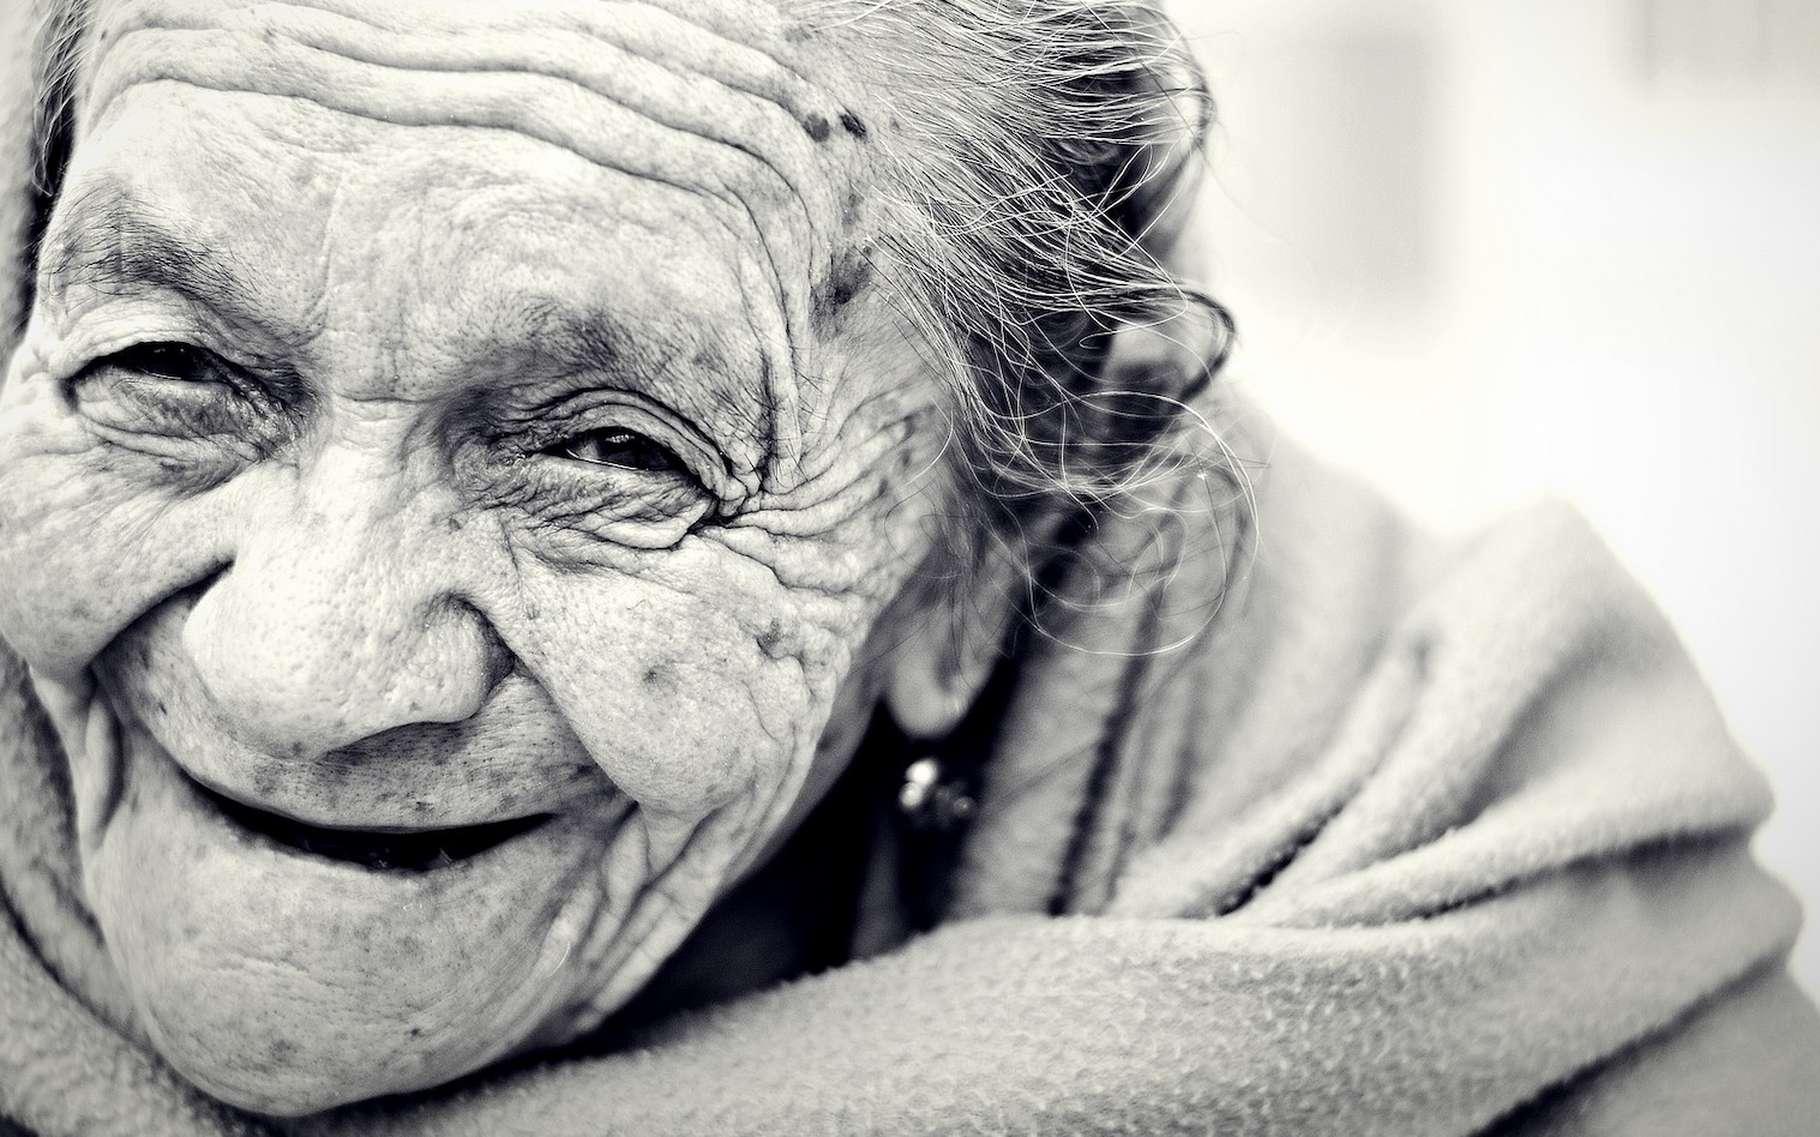 Vivre plus longtemps. Tout le monde y aspire. Surtout lorsque les années passent sans trop de heurts. © Free-Photos, Pixabay License